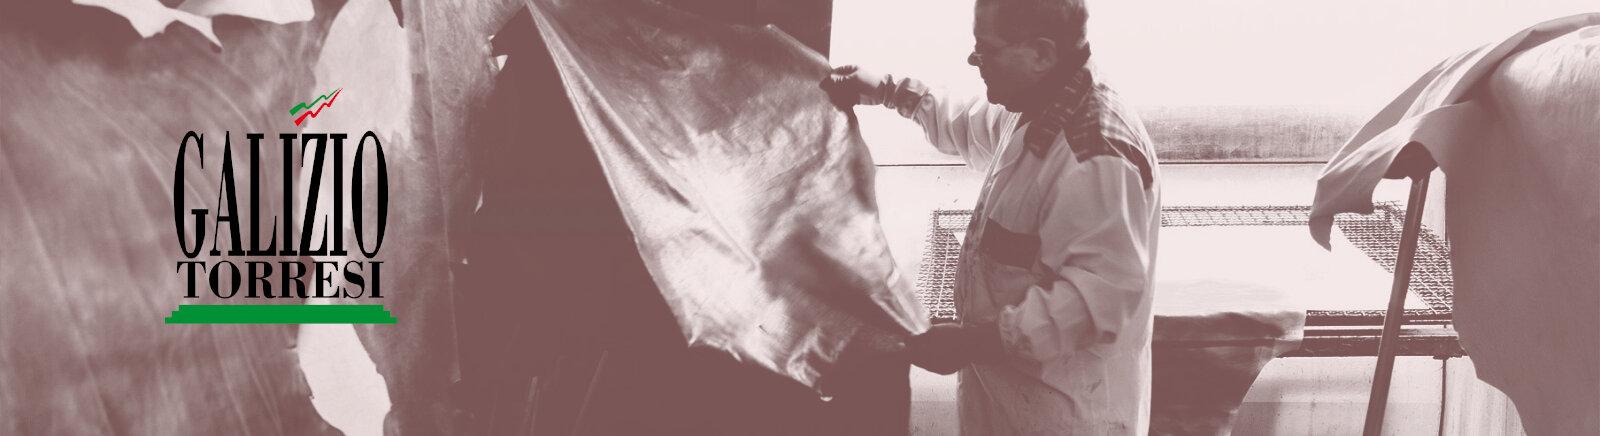 Prange: Galizio Torresi Slipper für Herren online shoppen